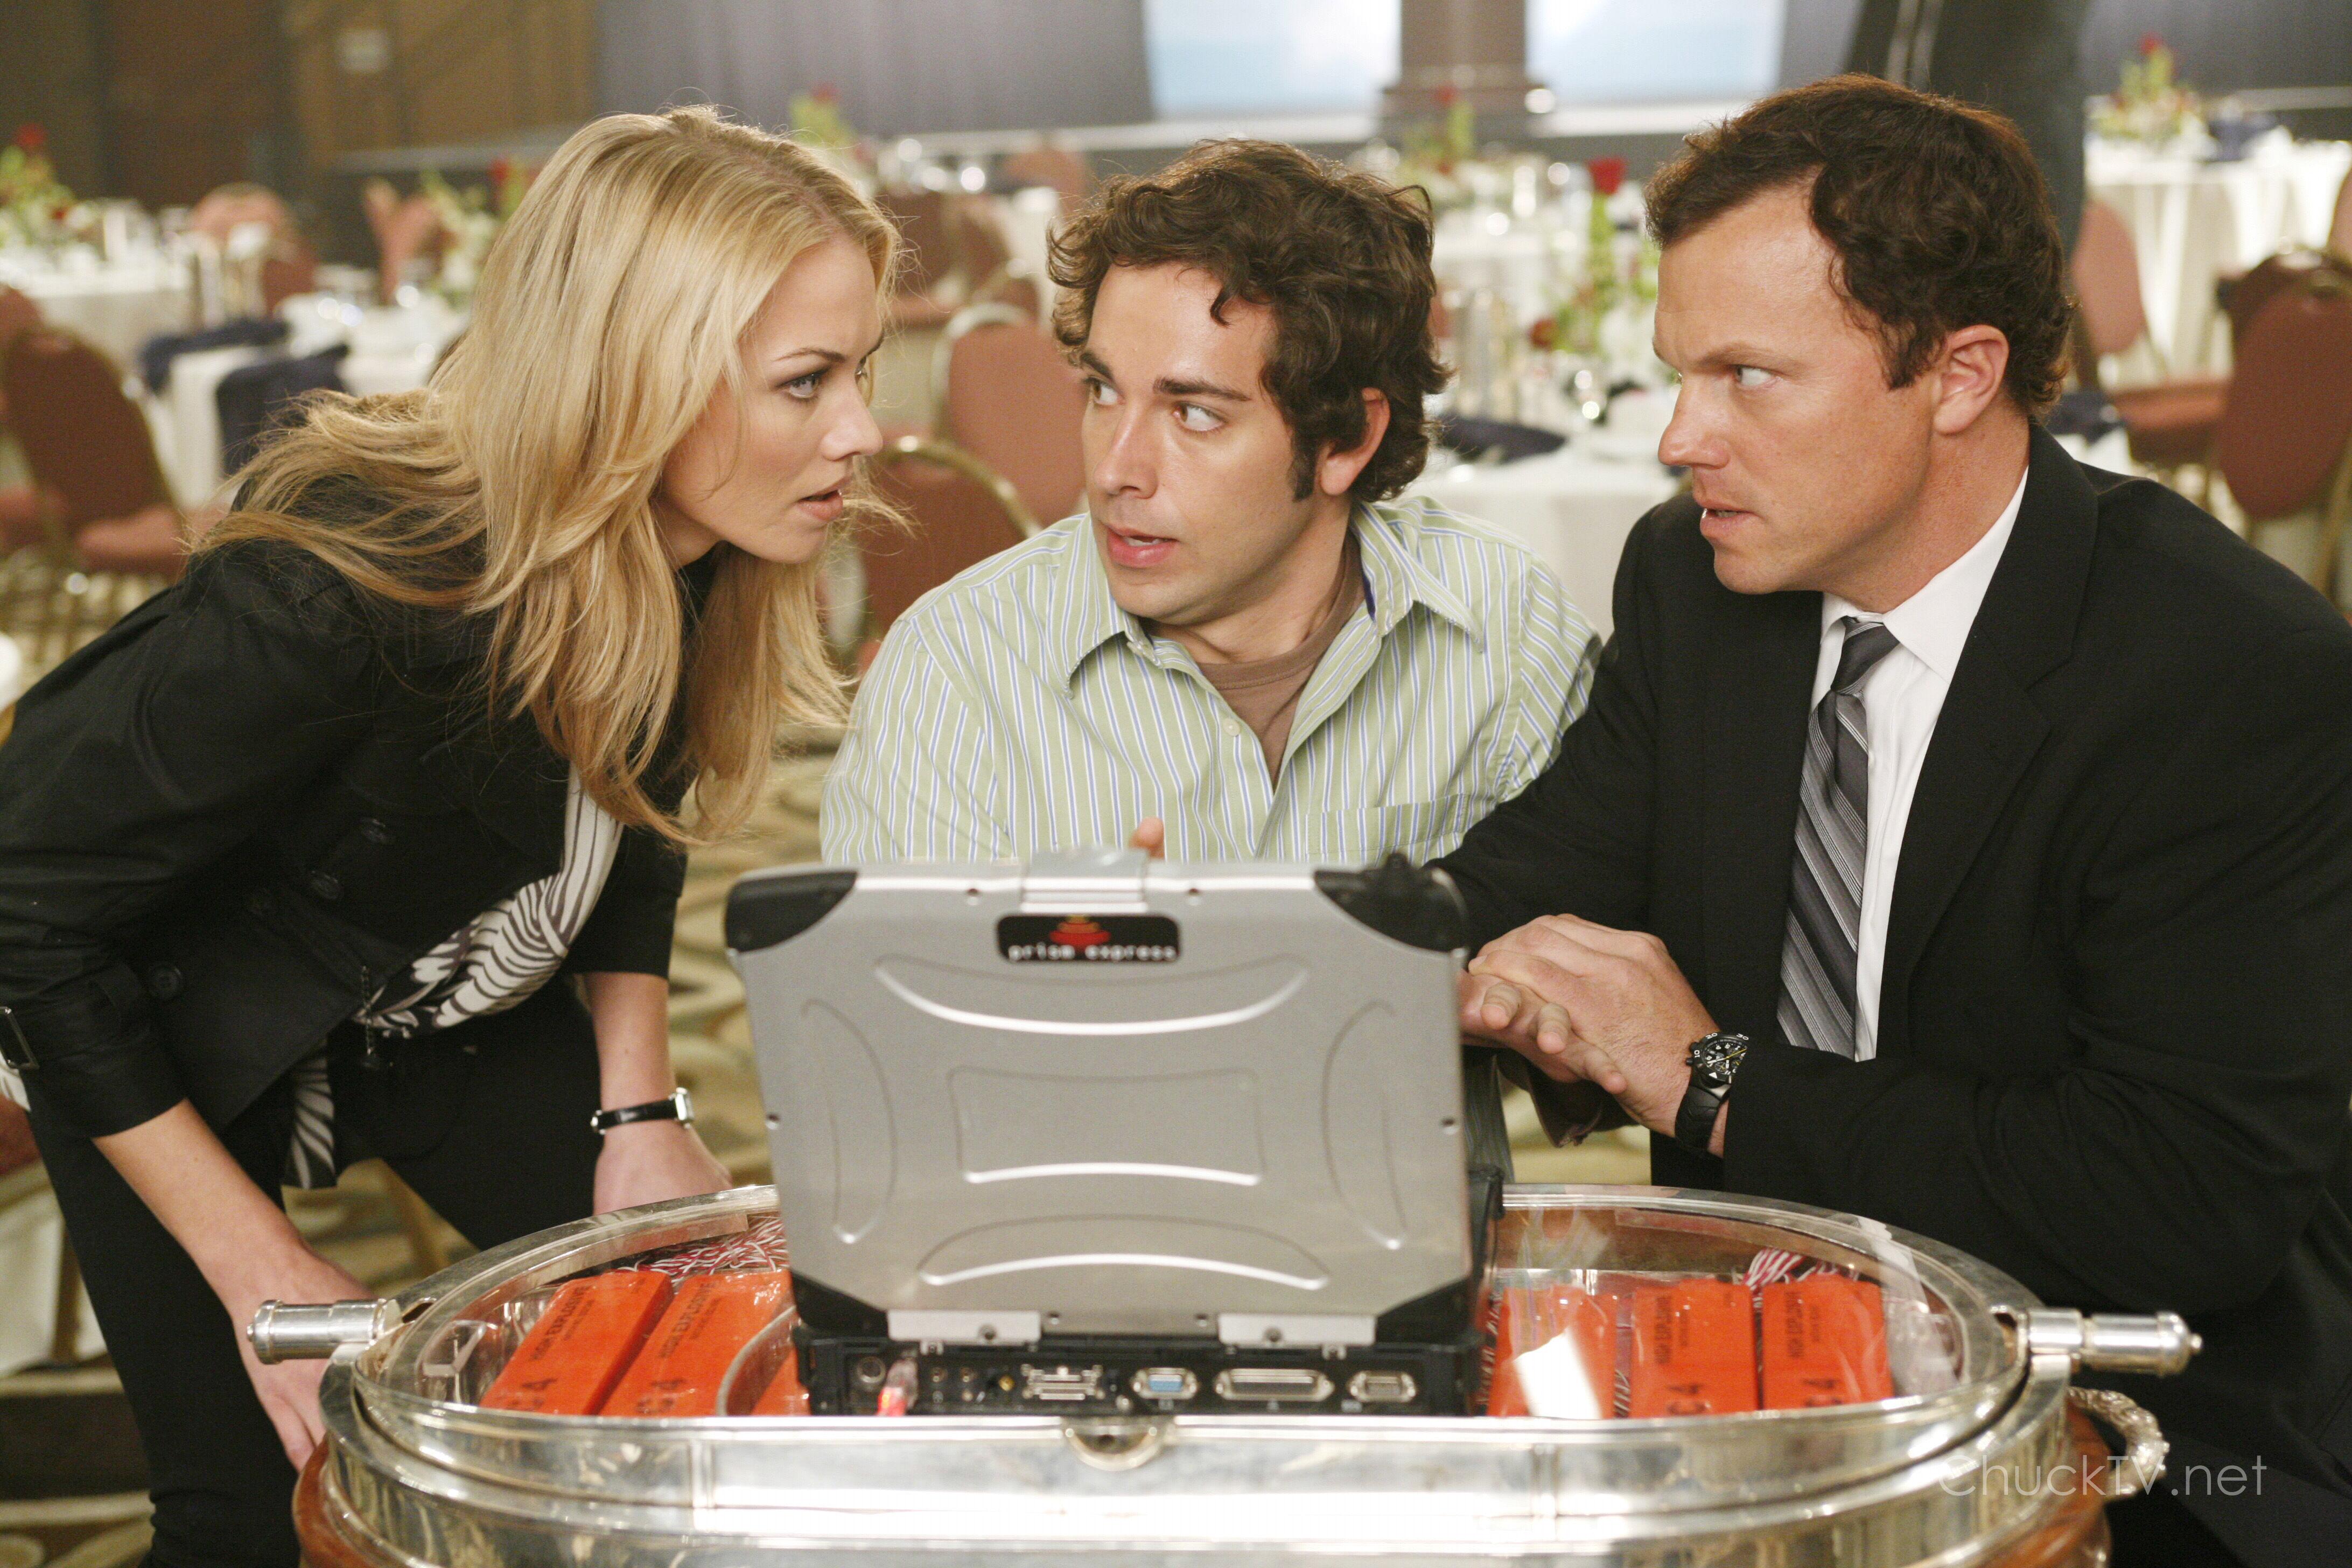 ¿Cúal es el nombre del virus llamado como una actriz porno que Chuck usa para desactivar la bomba en el primer episodio?